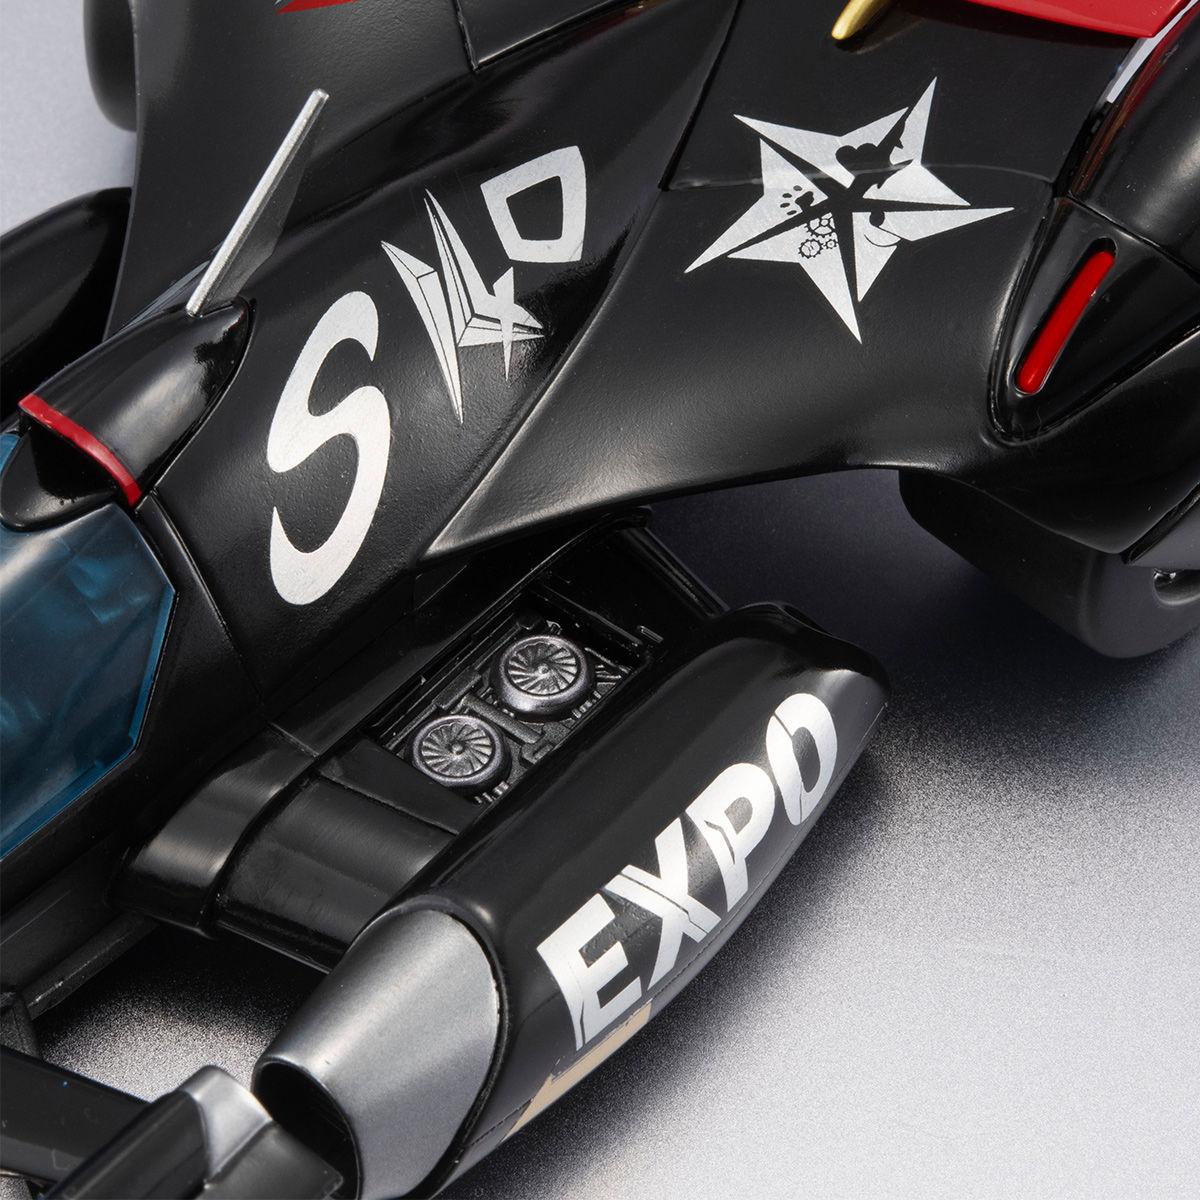 ヴァリアブルアクション『スーパーアスラーダ AKF-11/K-40 limited ver.』新世紀GPXサイバーフォーミュラ 可動モデル-005